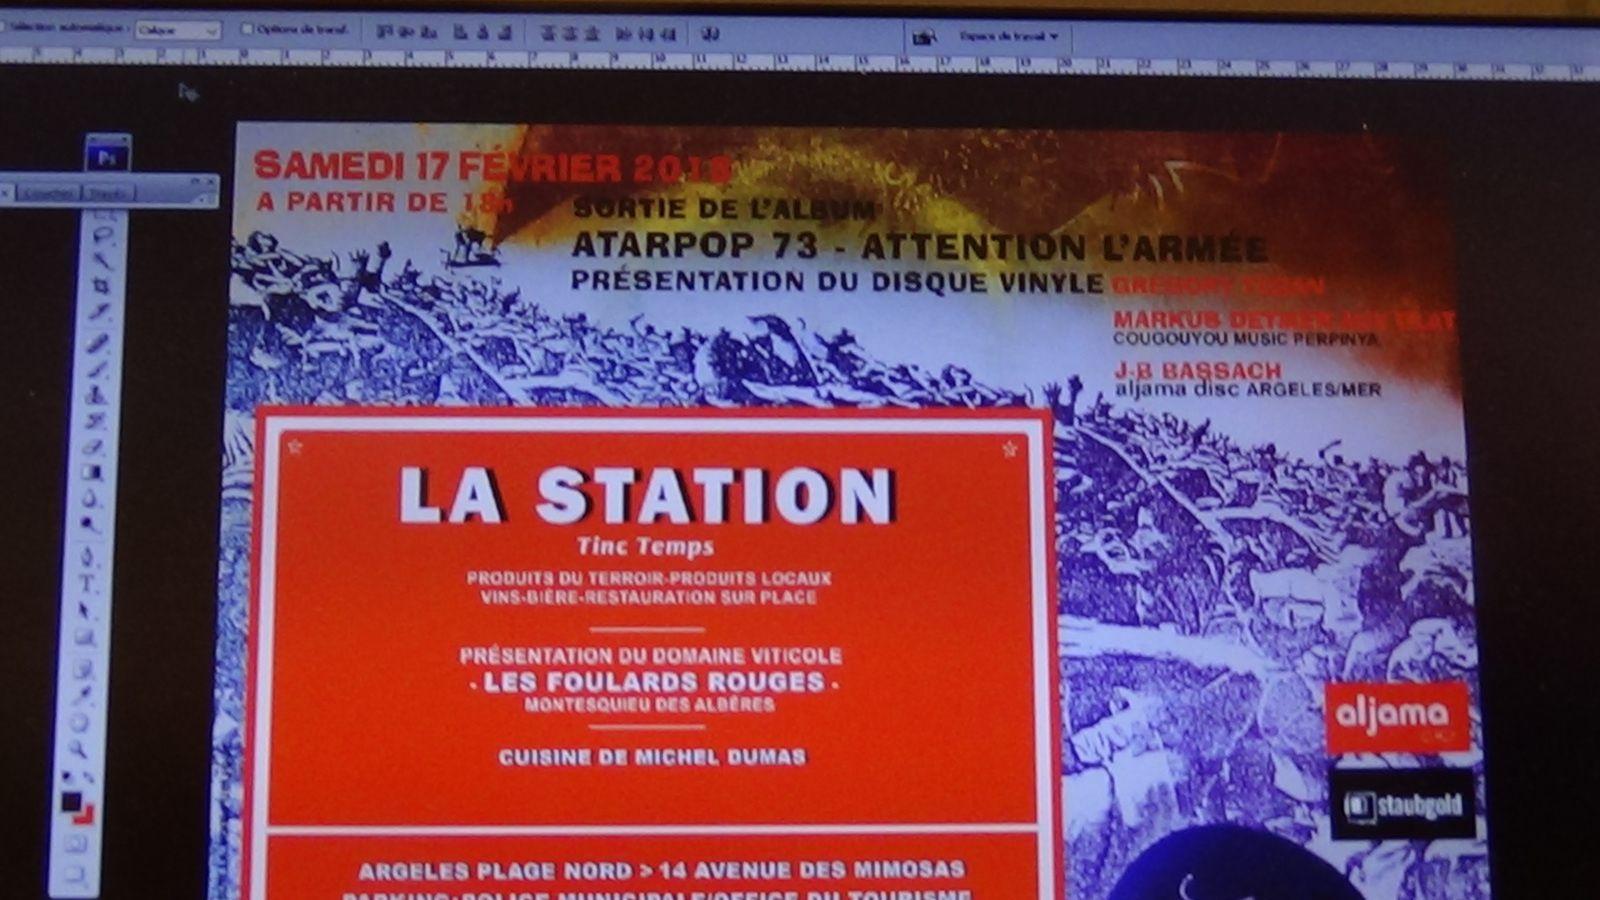 Perpignan: réédition d'un disque vinyle  par un collectif de catalan 'attention l'armée' ! interview Jean-Bernard Bassach par Nicolas Caudeville